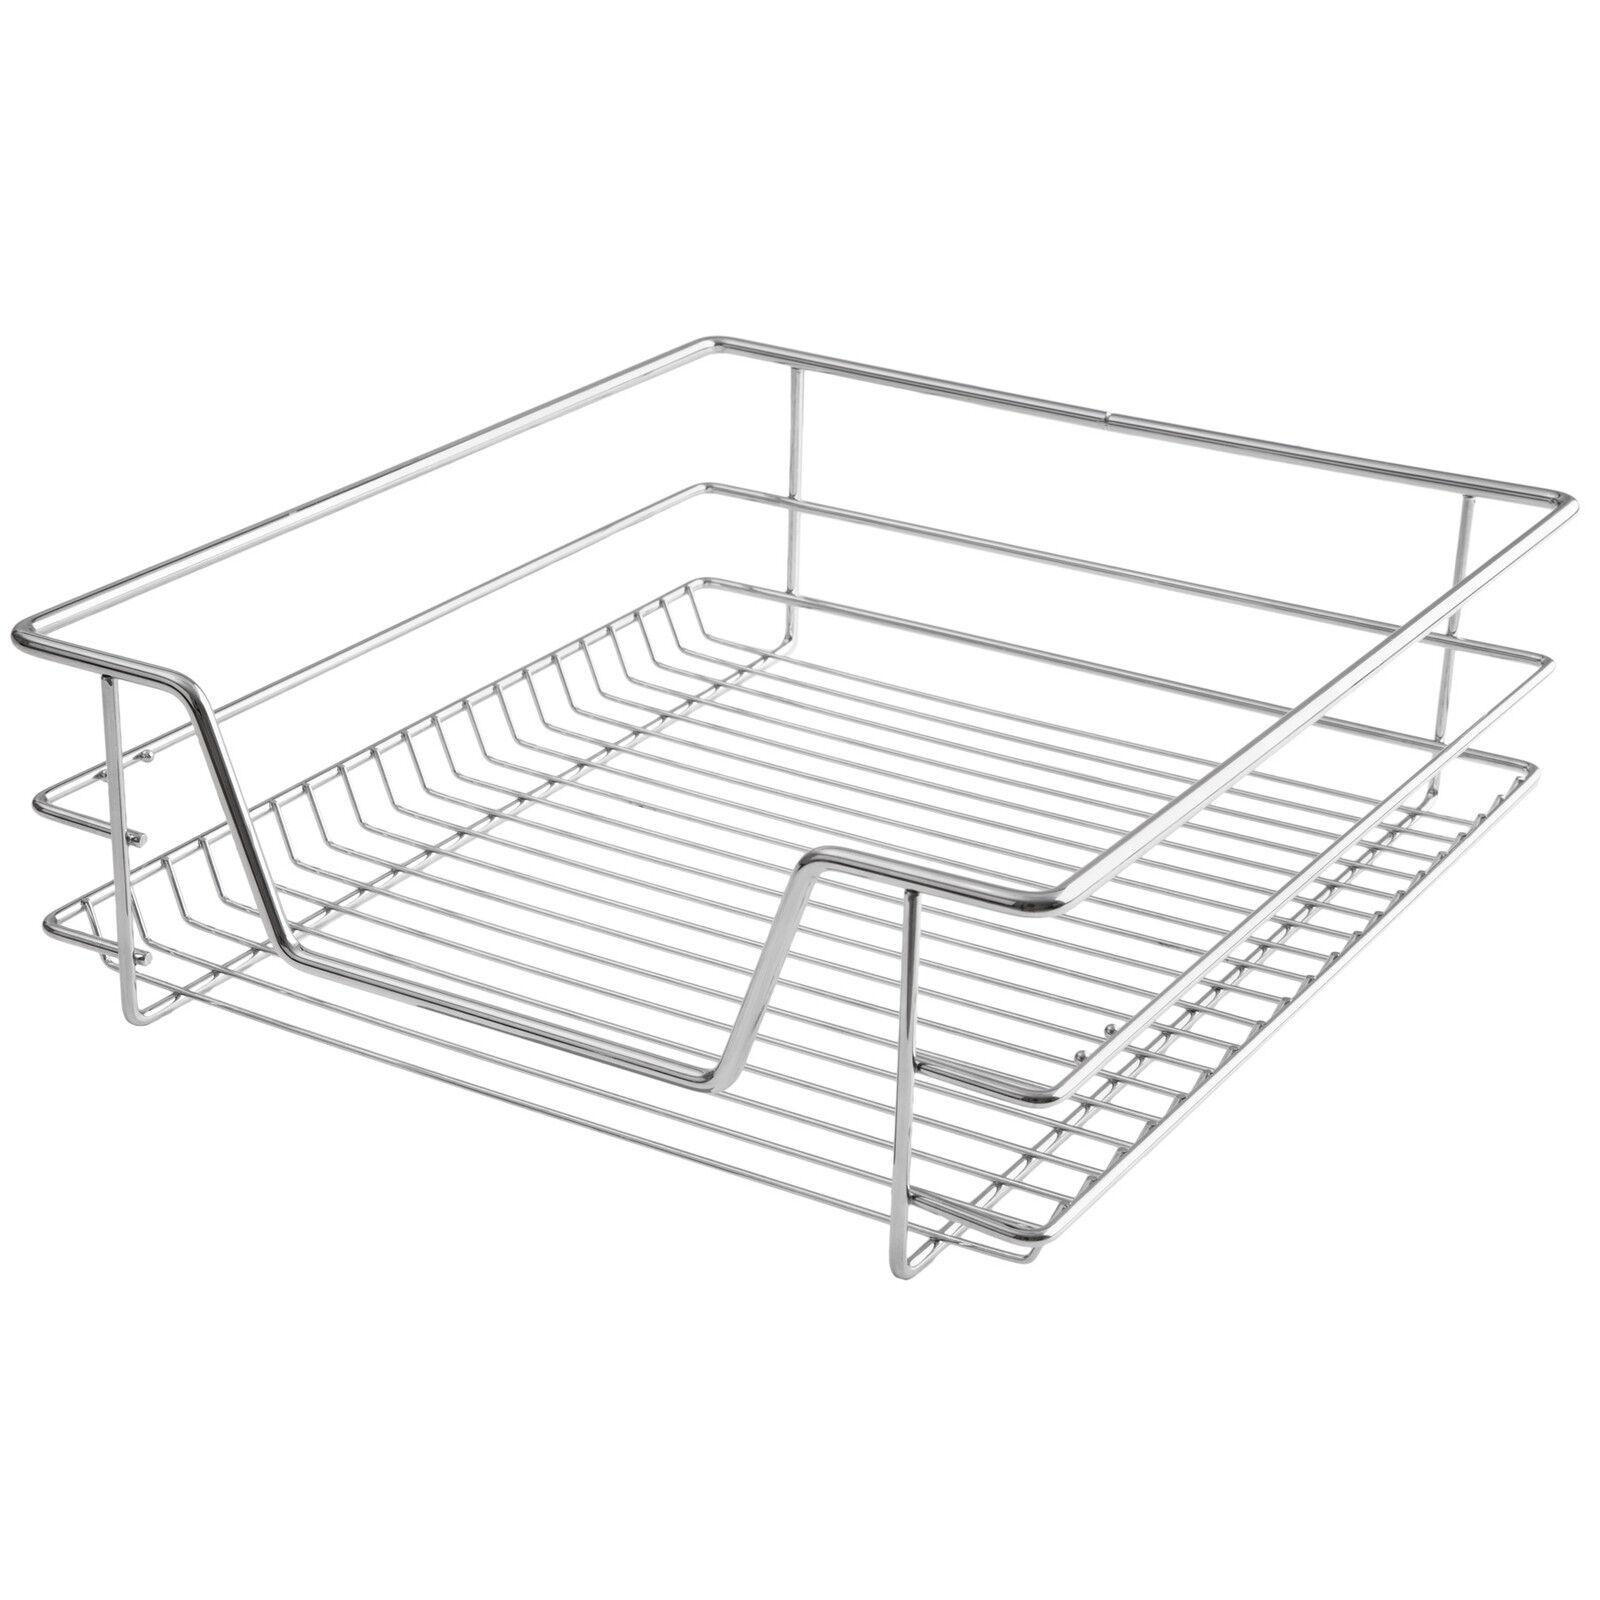 panier de rangement coulissant cuisine meuble pour placard tag re tiroir 50 cm eur 32 90. Black Bedroom Furniture Sets. Home Design Ideas